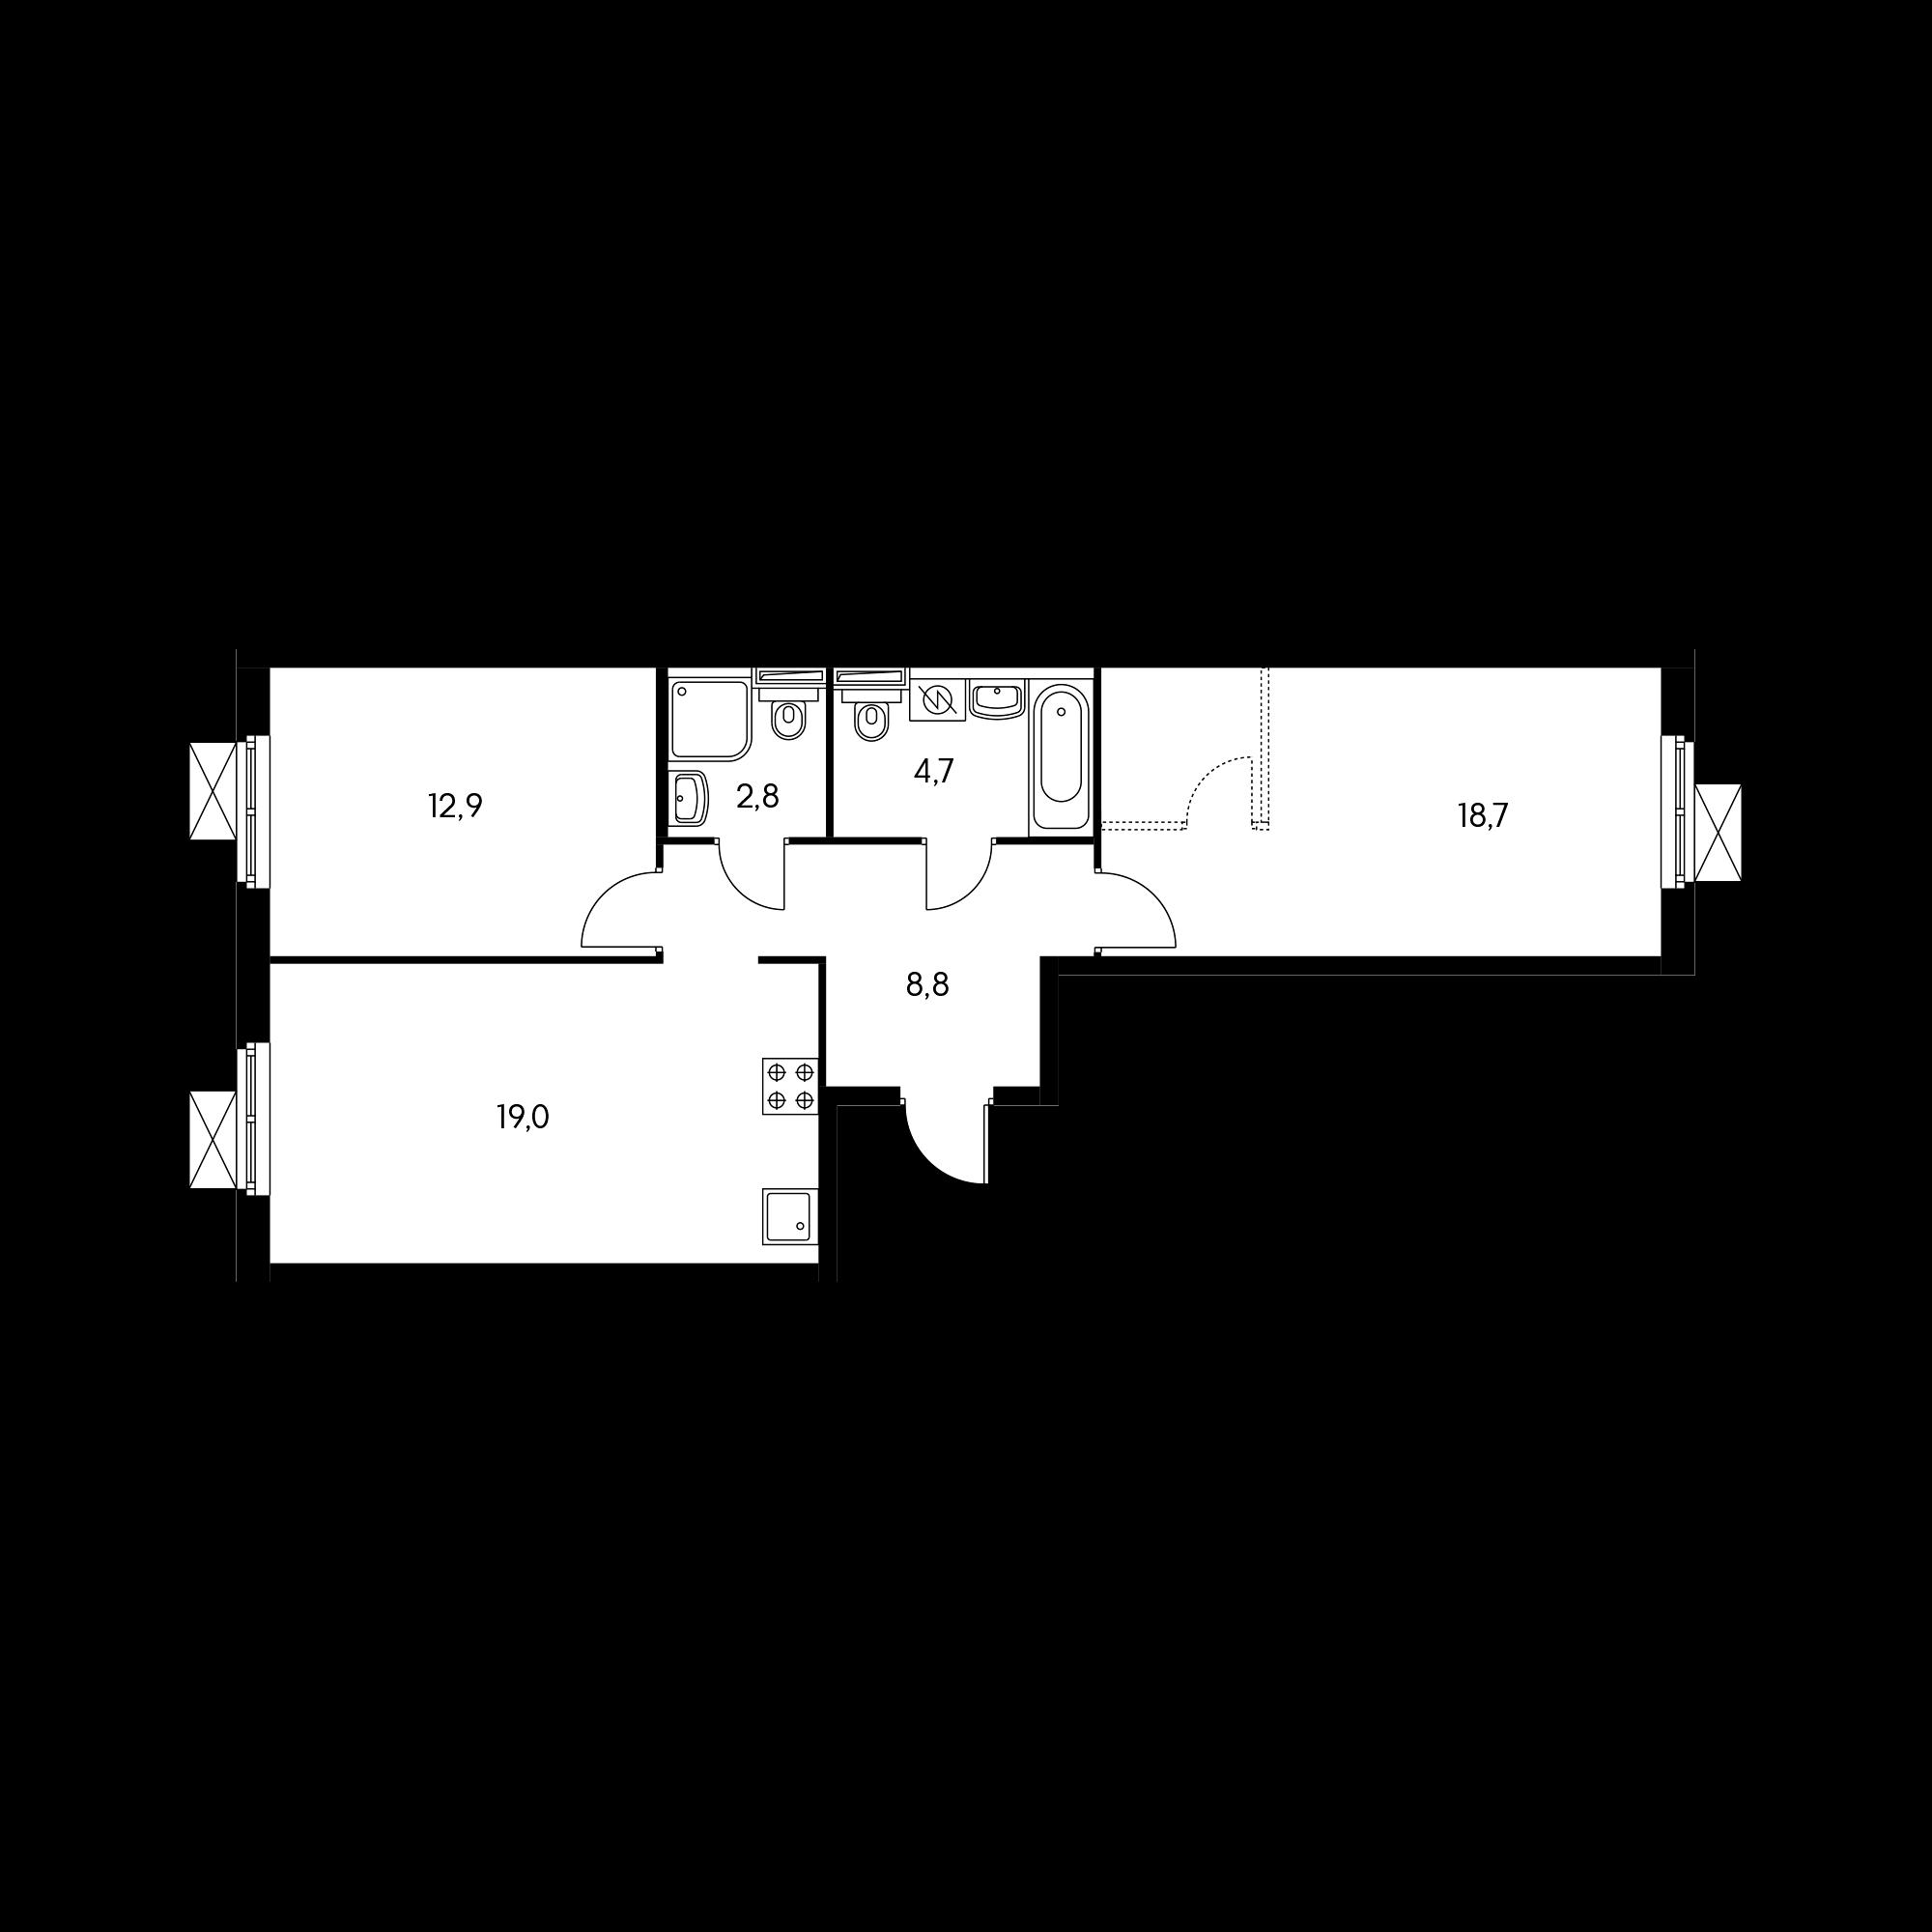 2-комнатная 66.4 м²